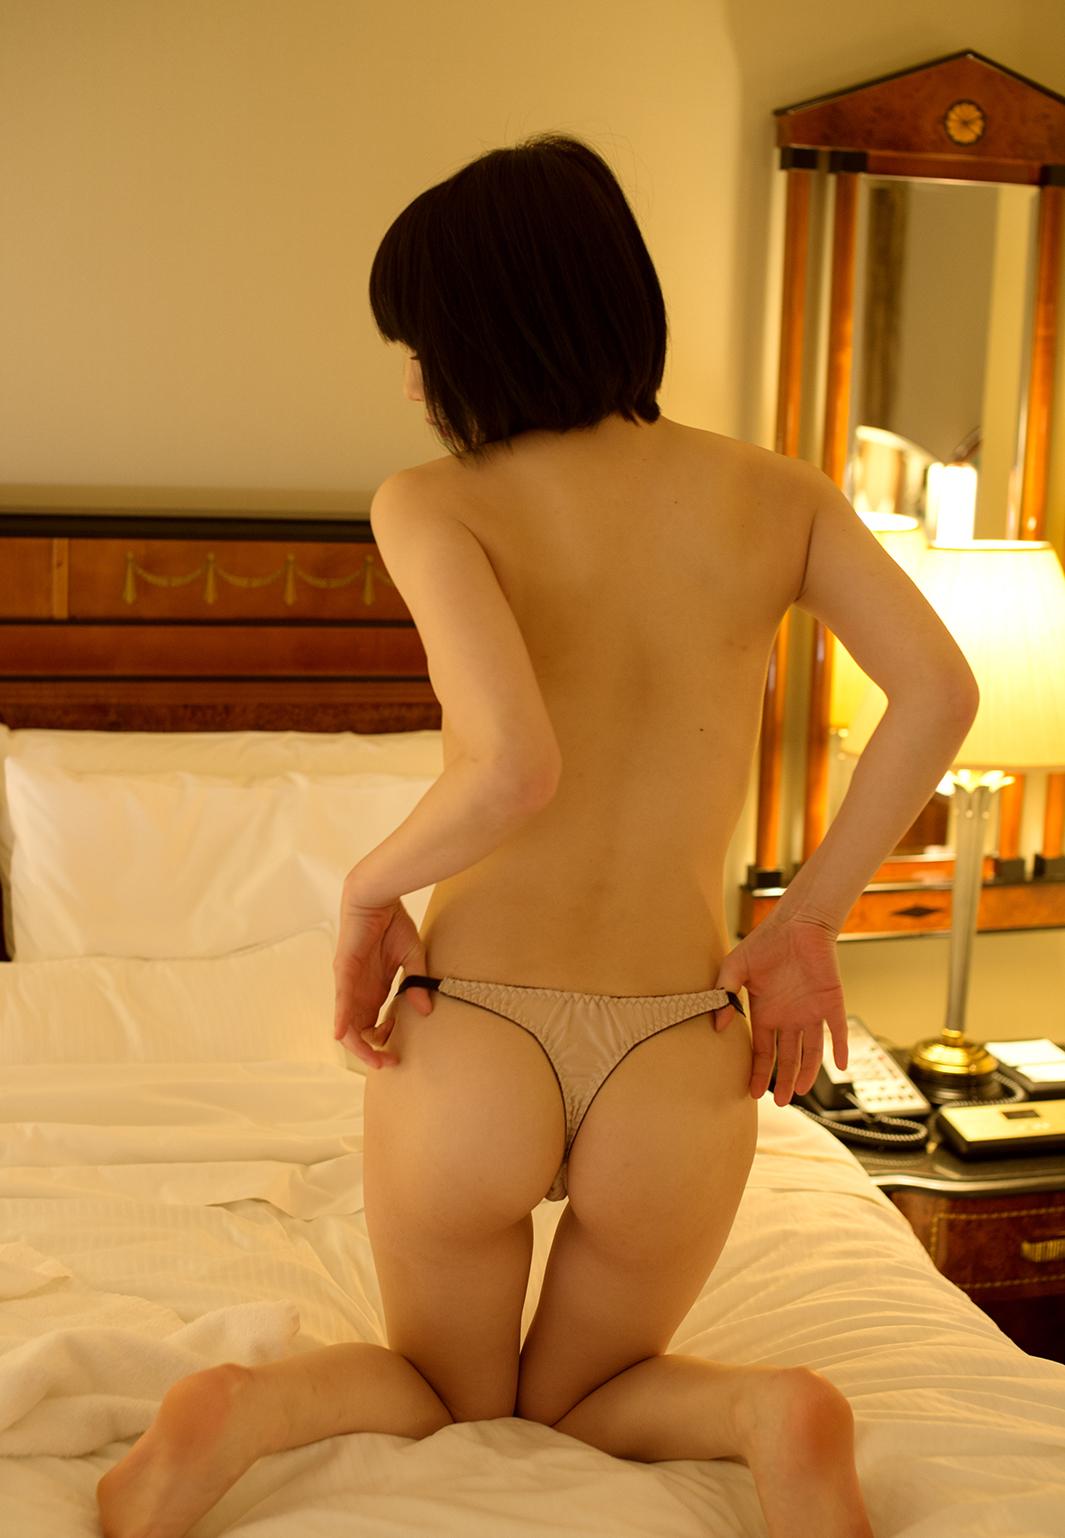 鈴村あいり 画像 57